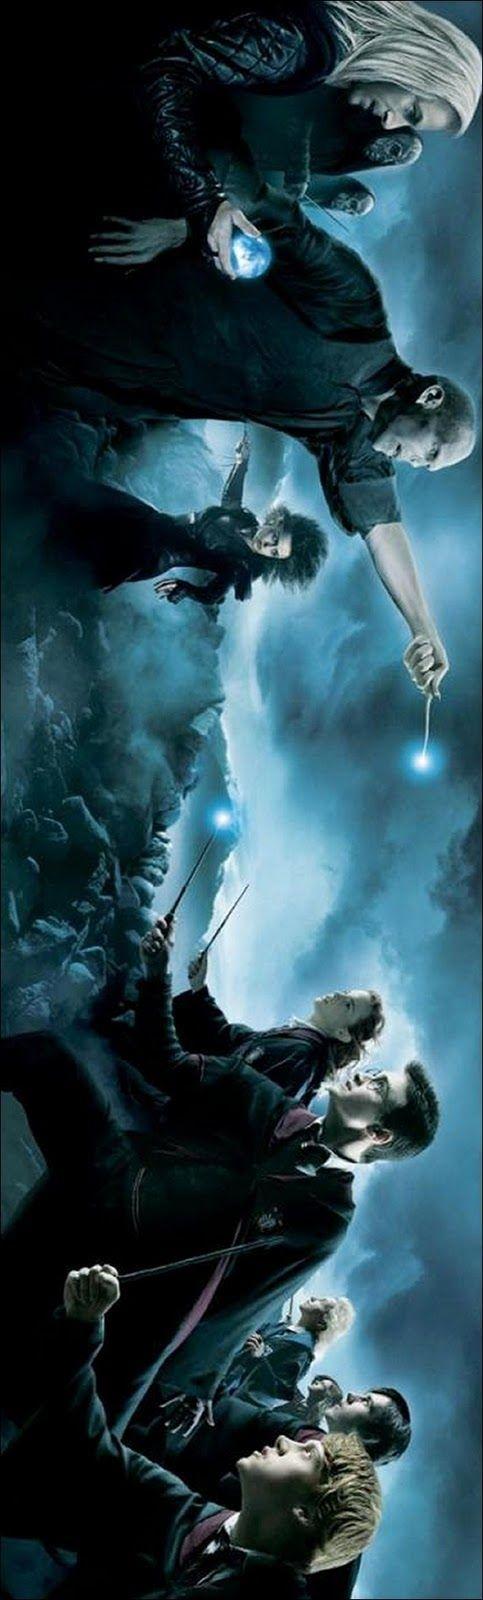 Le marque-page de Harry potter !!!!